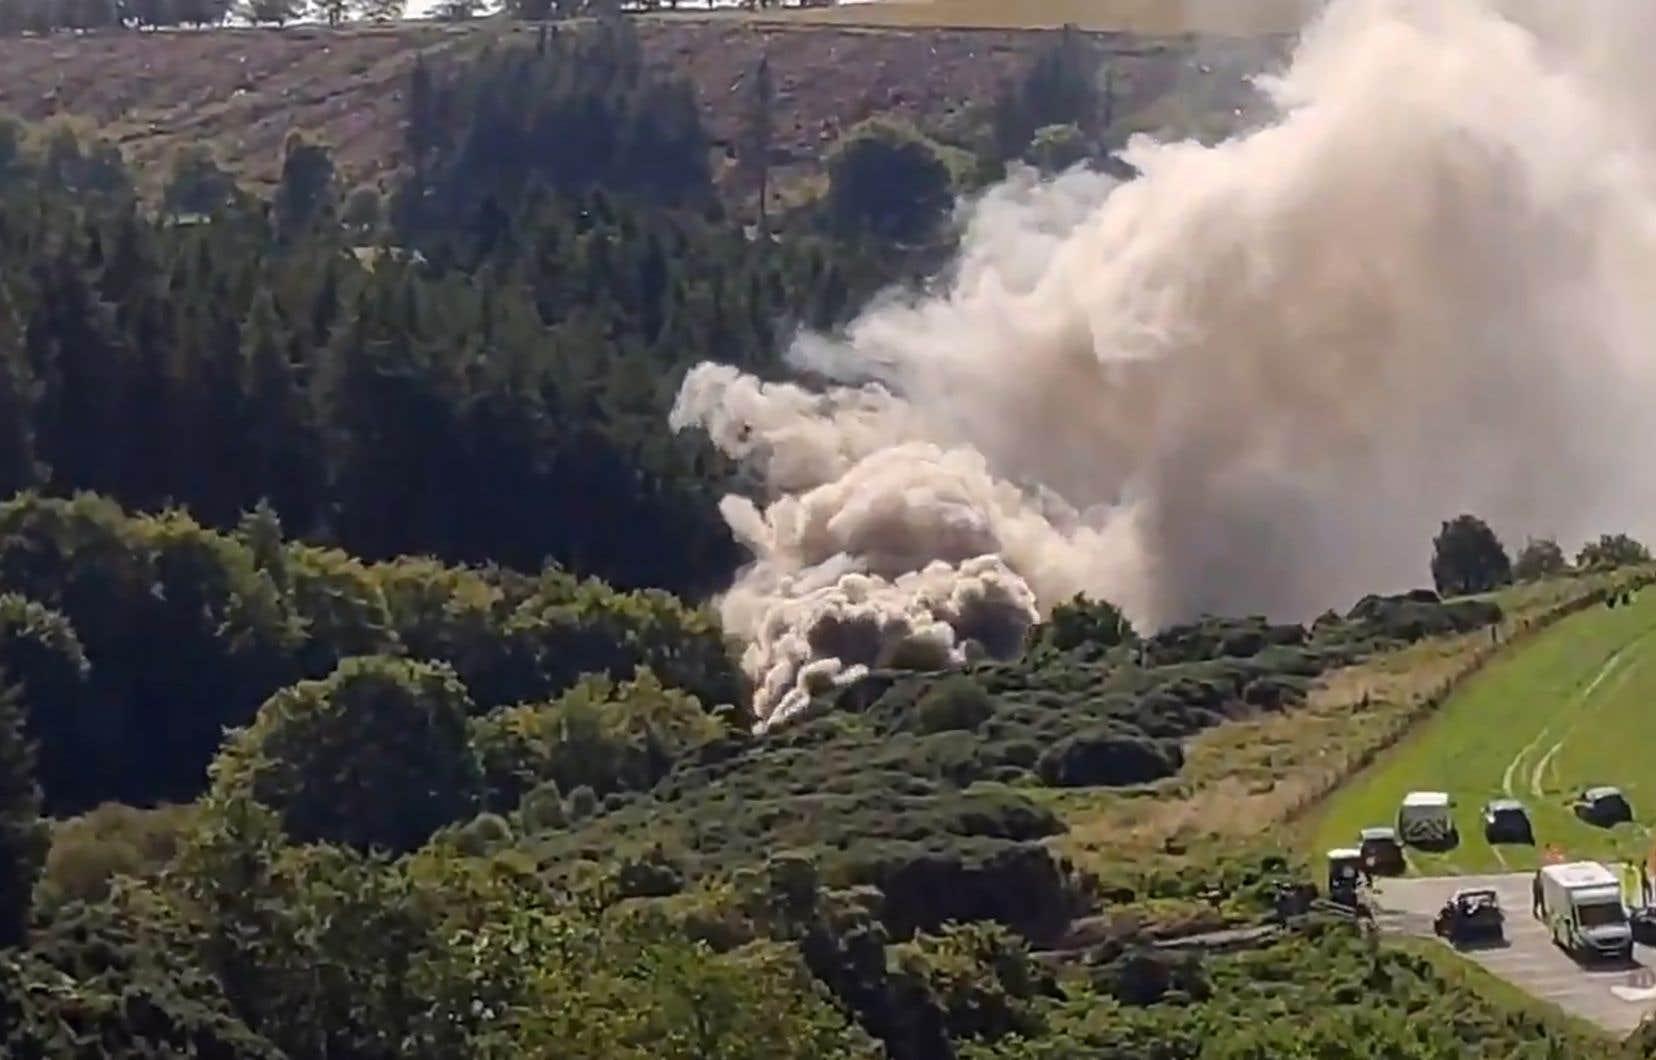 Toute la matinée, des volutes de fumée se sont dégagées des lieux de l'accident, survenu dans un vallon boisé.